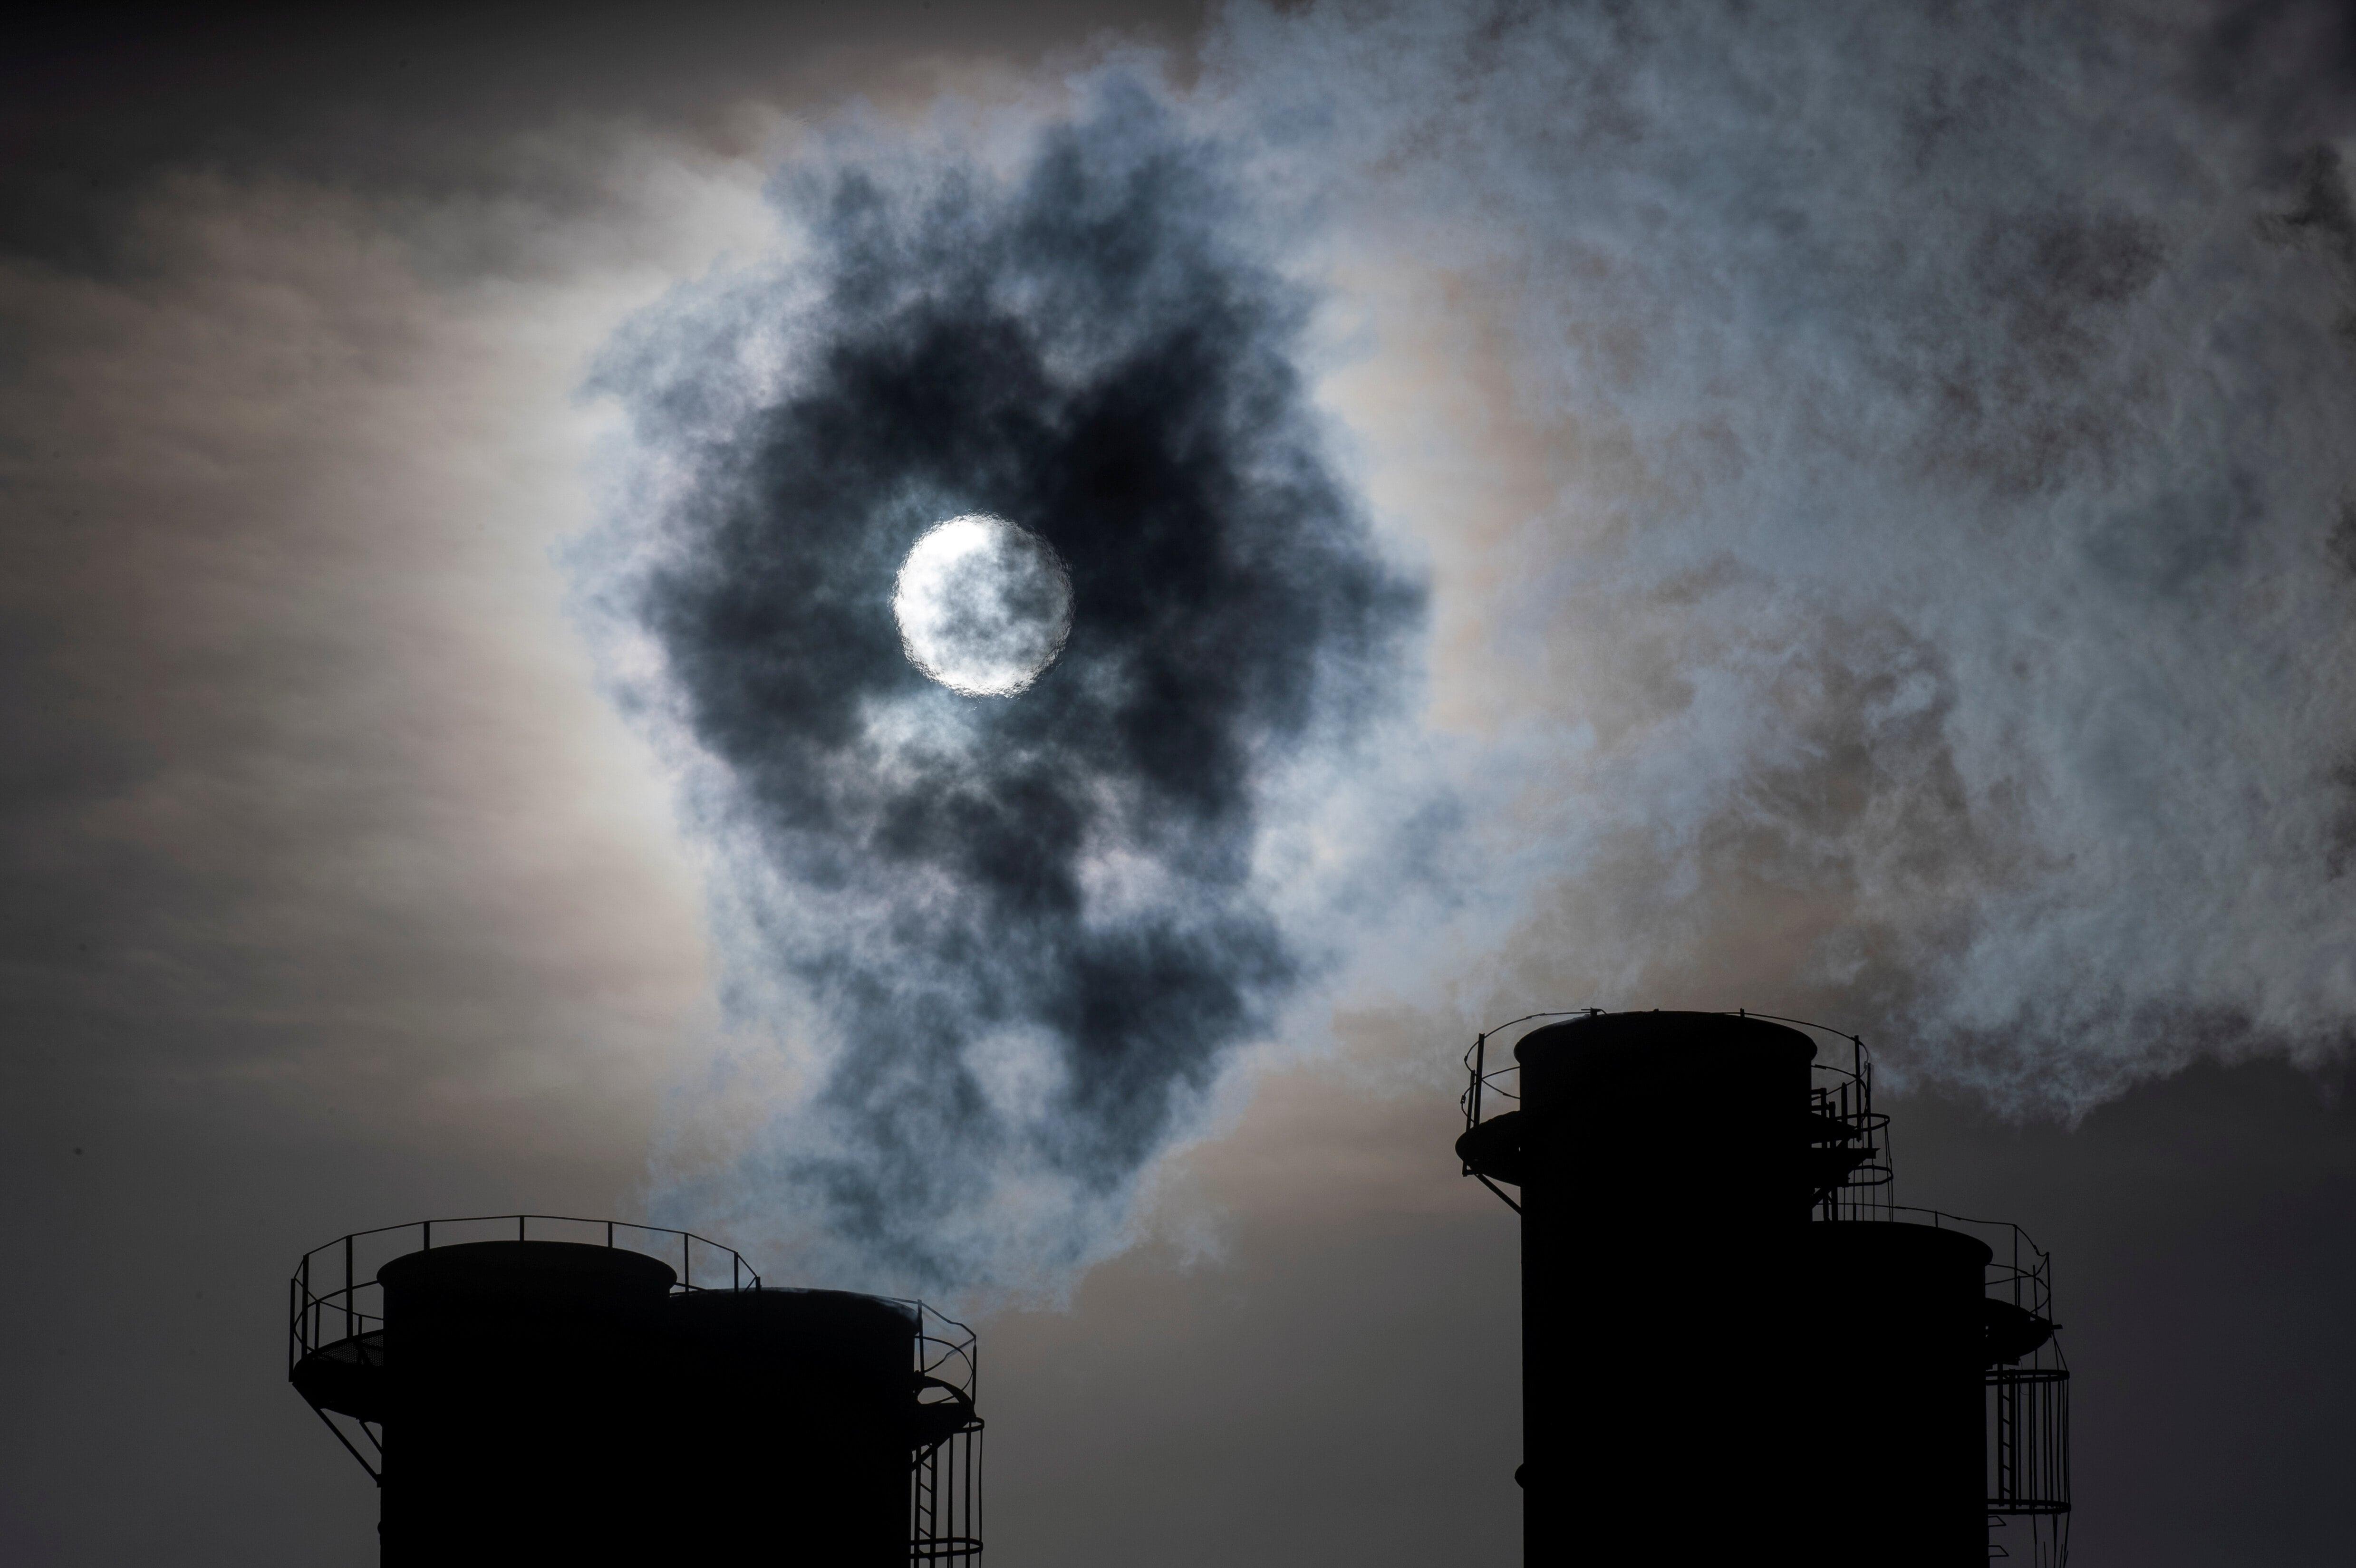 Fábricas soltando fumaça na atmosfera